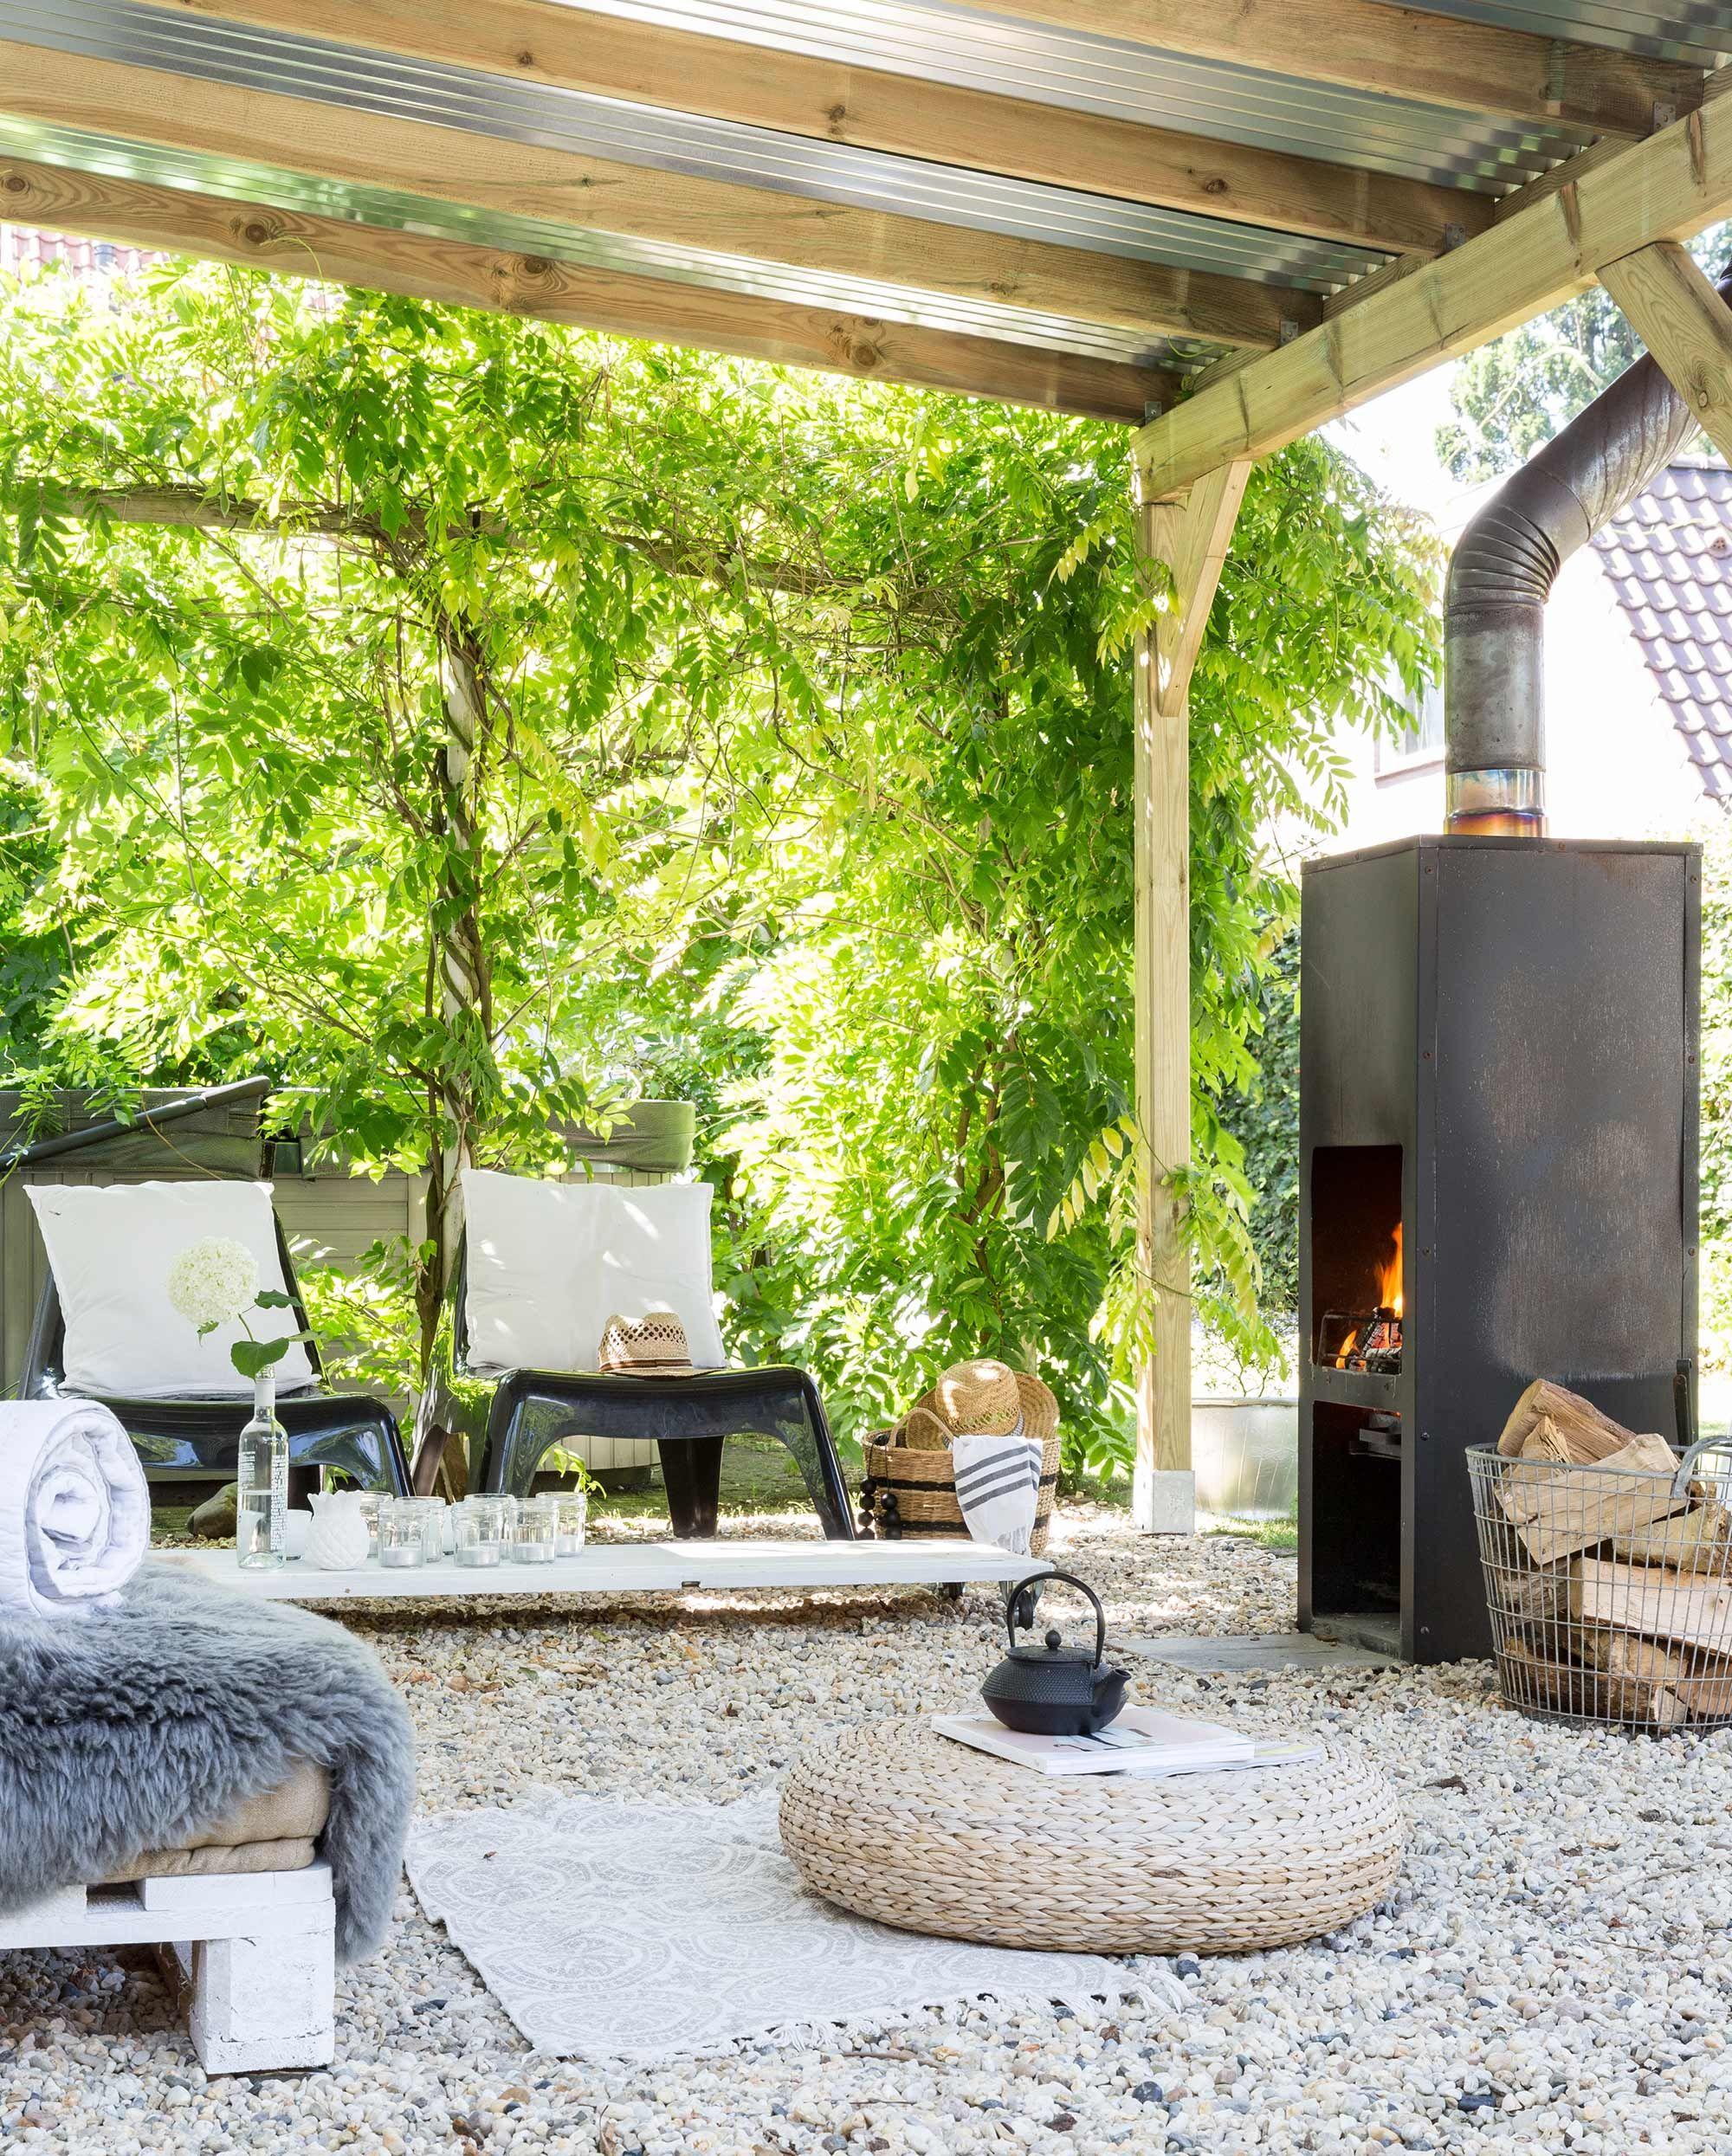 garden inspiration | @vtwonen | lougeplek | dreamy houses, Gartengerate ideen